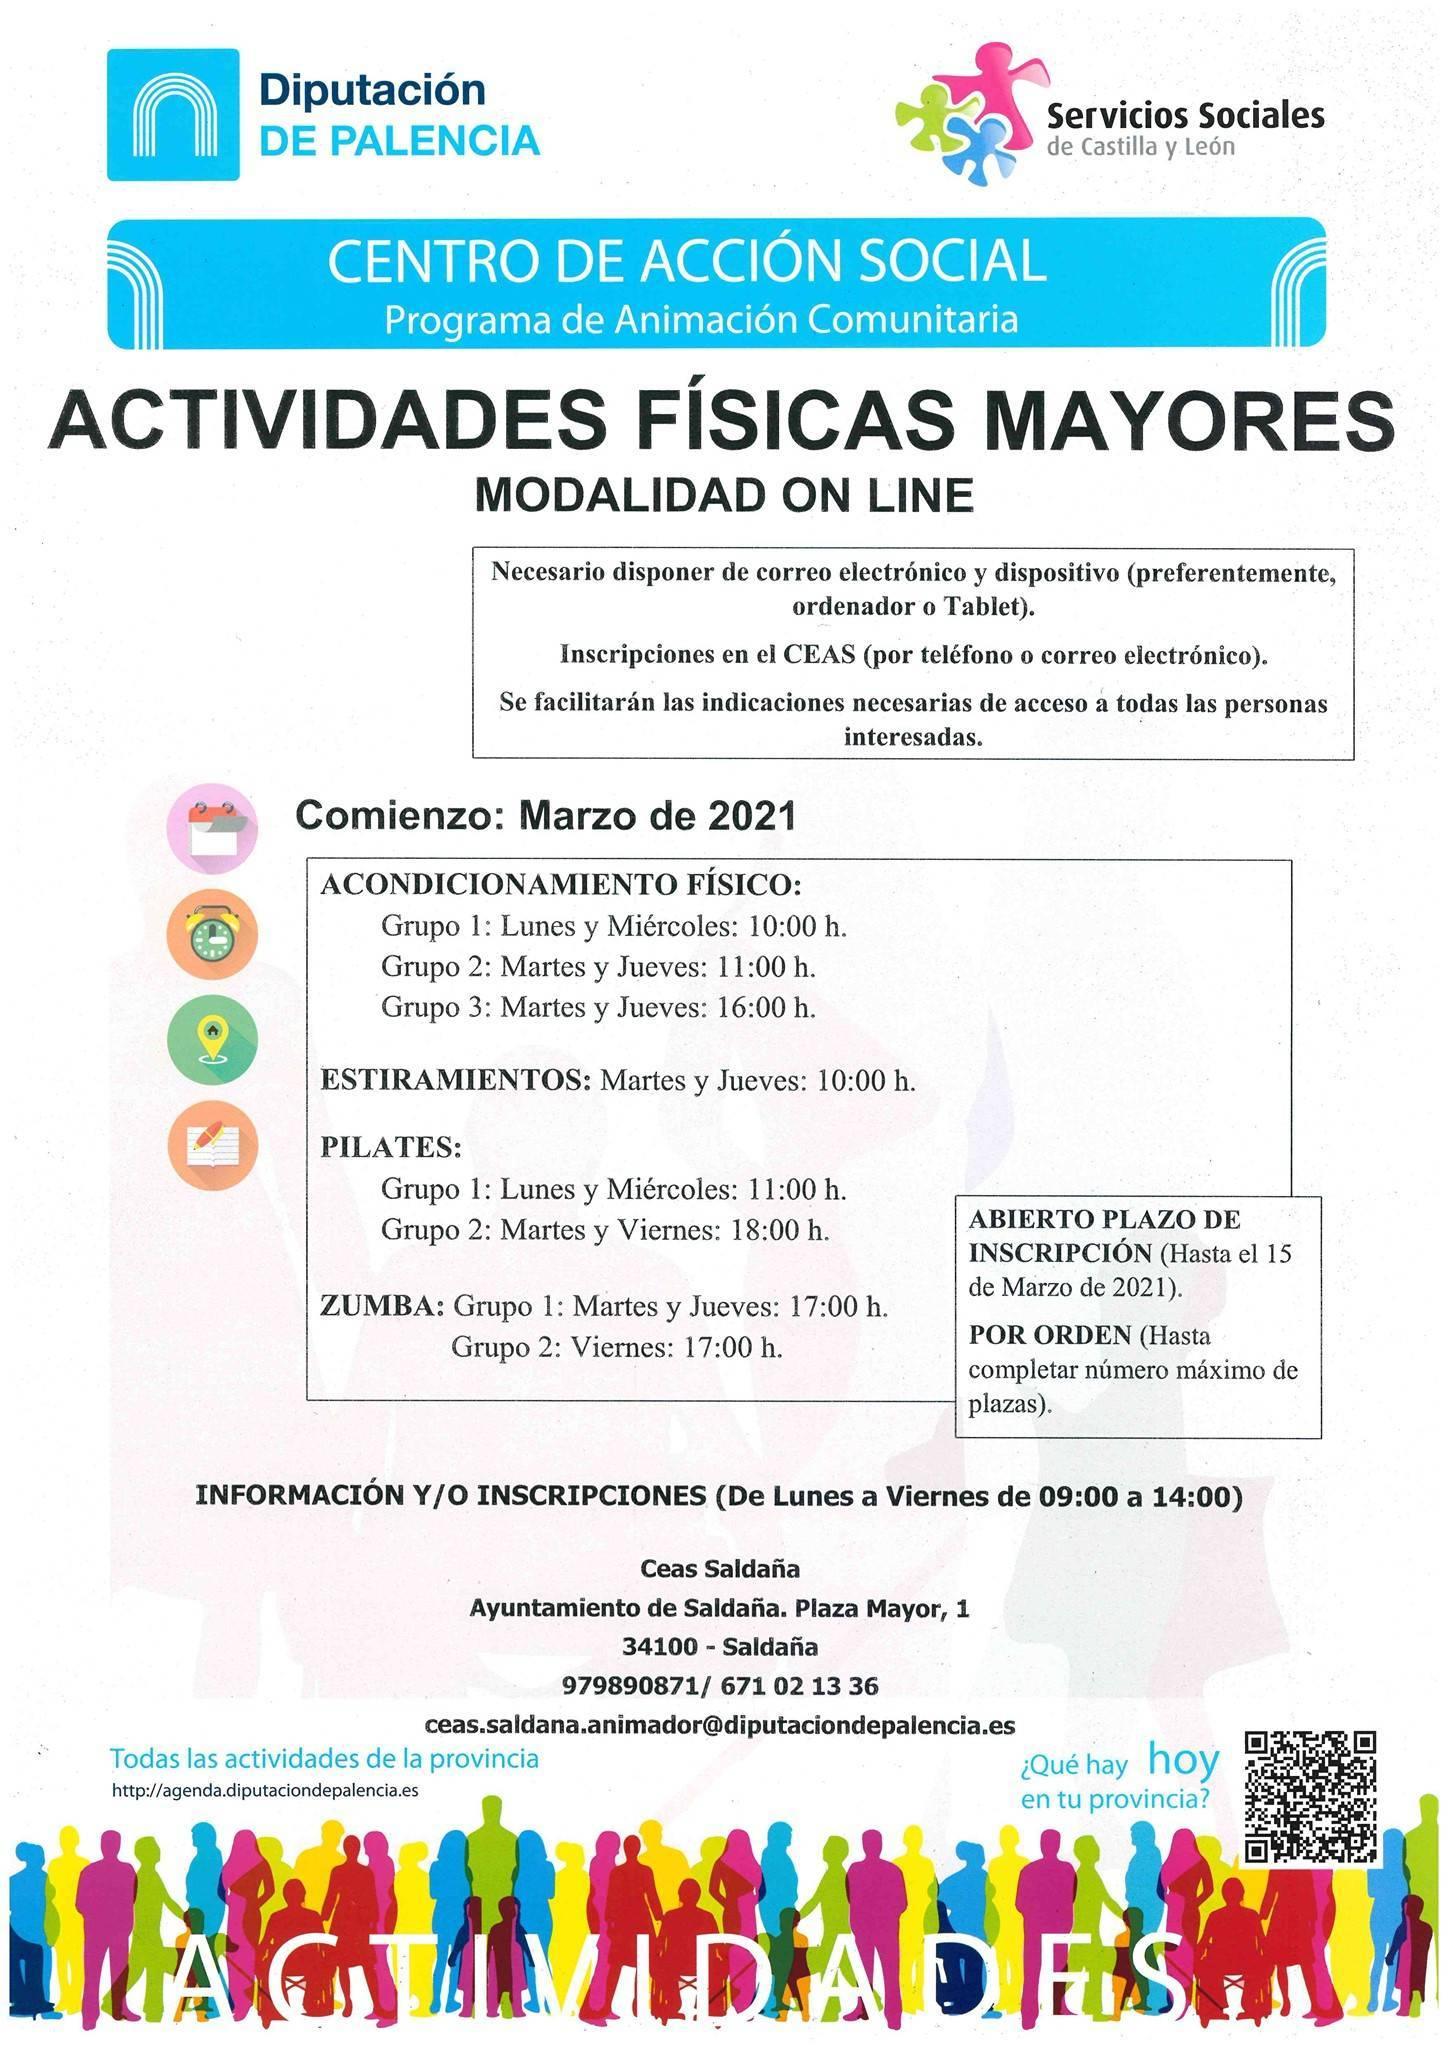 Actividades físicas para mayores (marzo 2021) - Saldaña (Palencia)